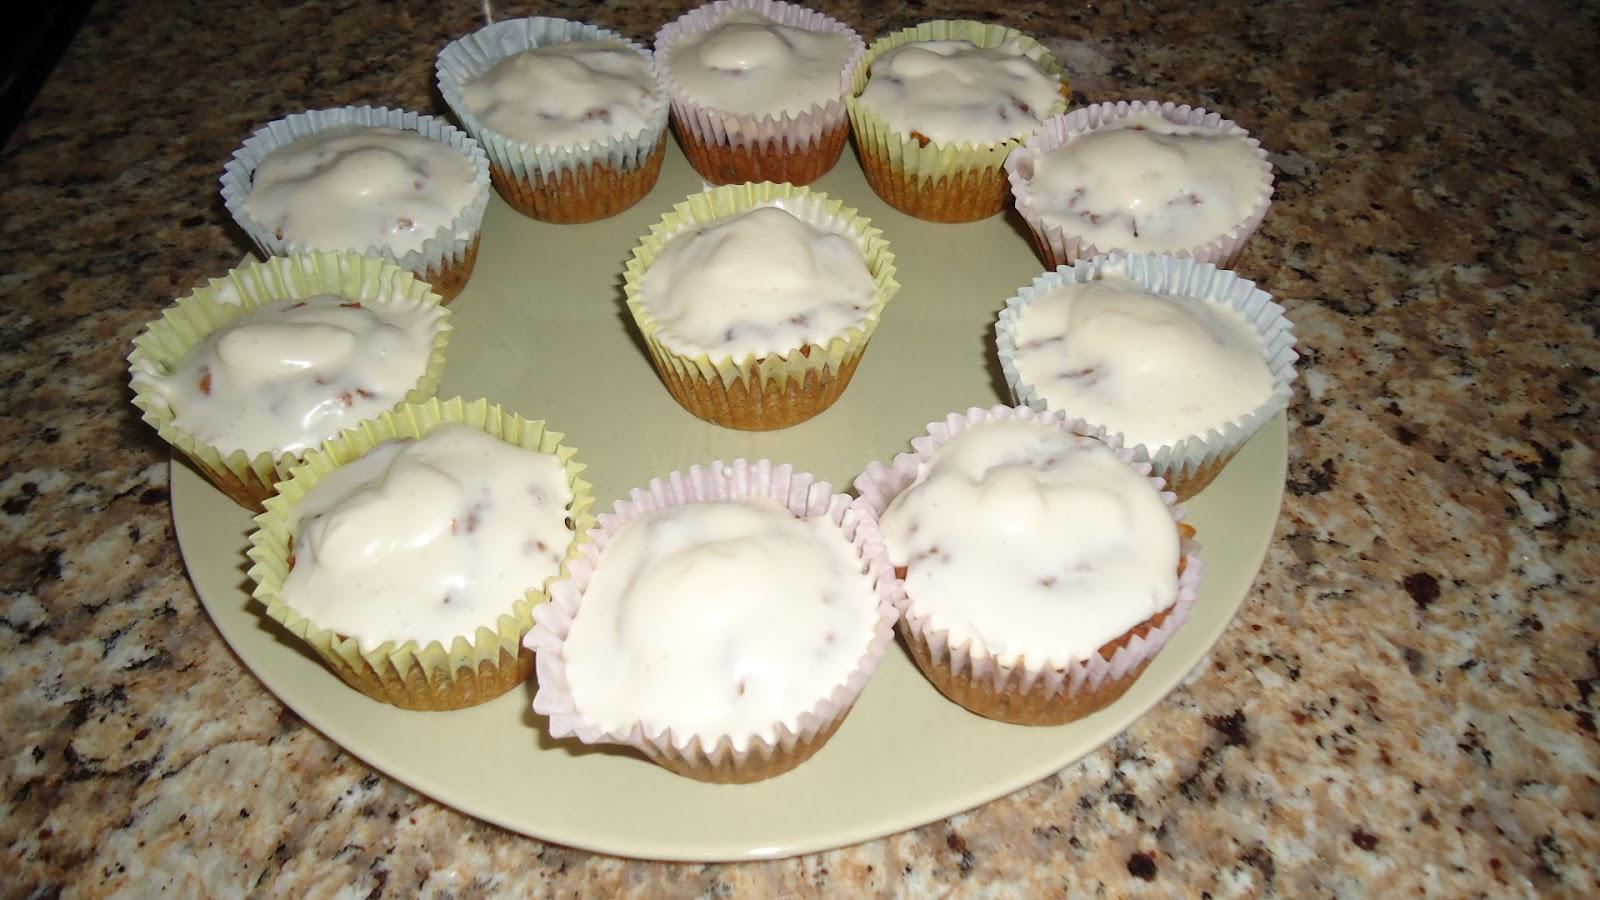 Grain-Free Groupie: Paleo Carrot Cake Cupcakes!